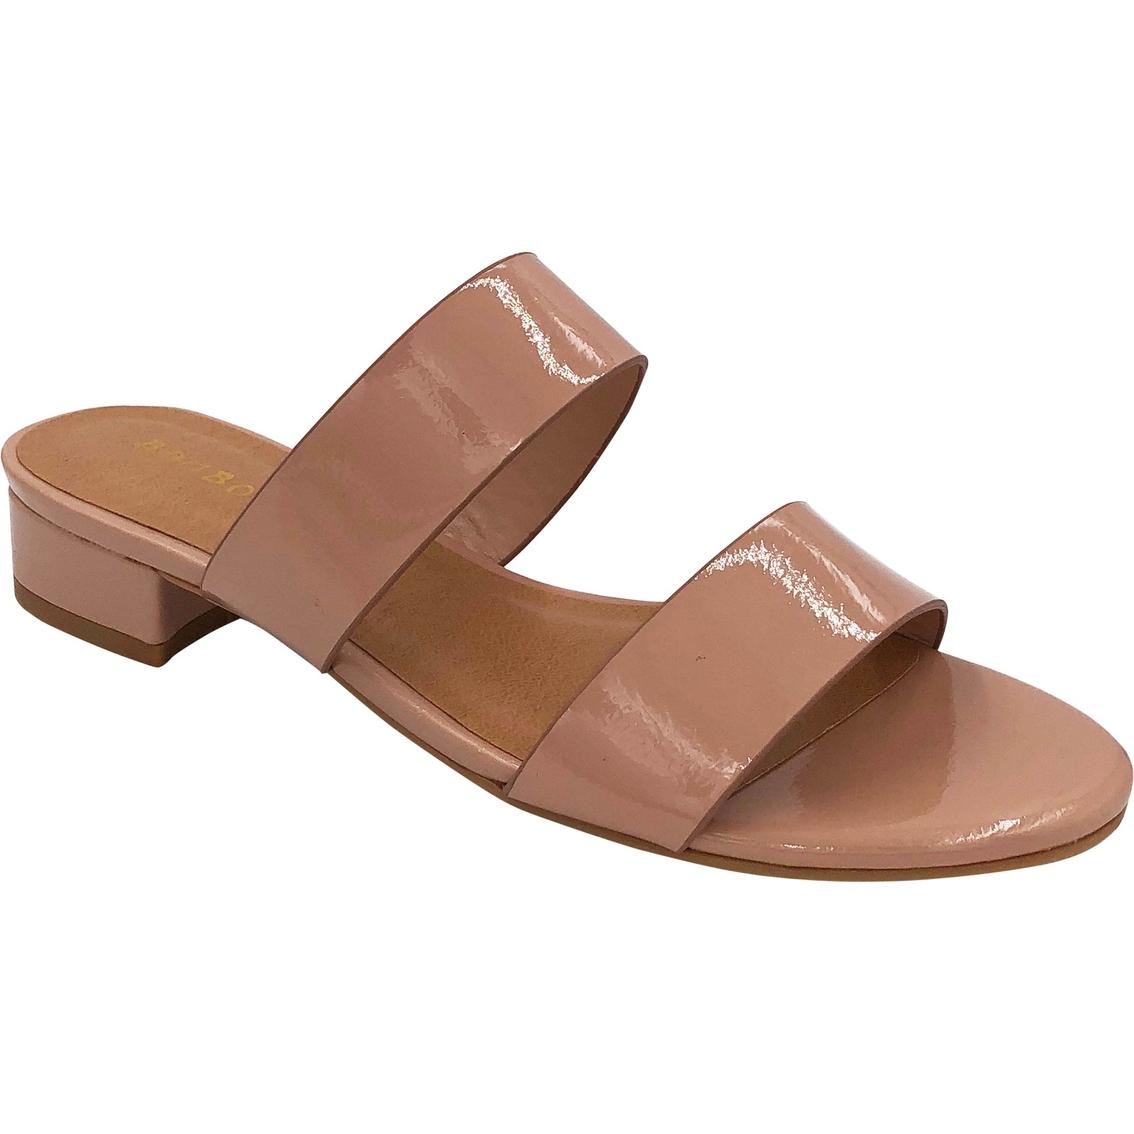 8831adf4d22e Bamboo Happyfeet Low Heel Sandals